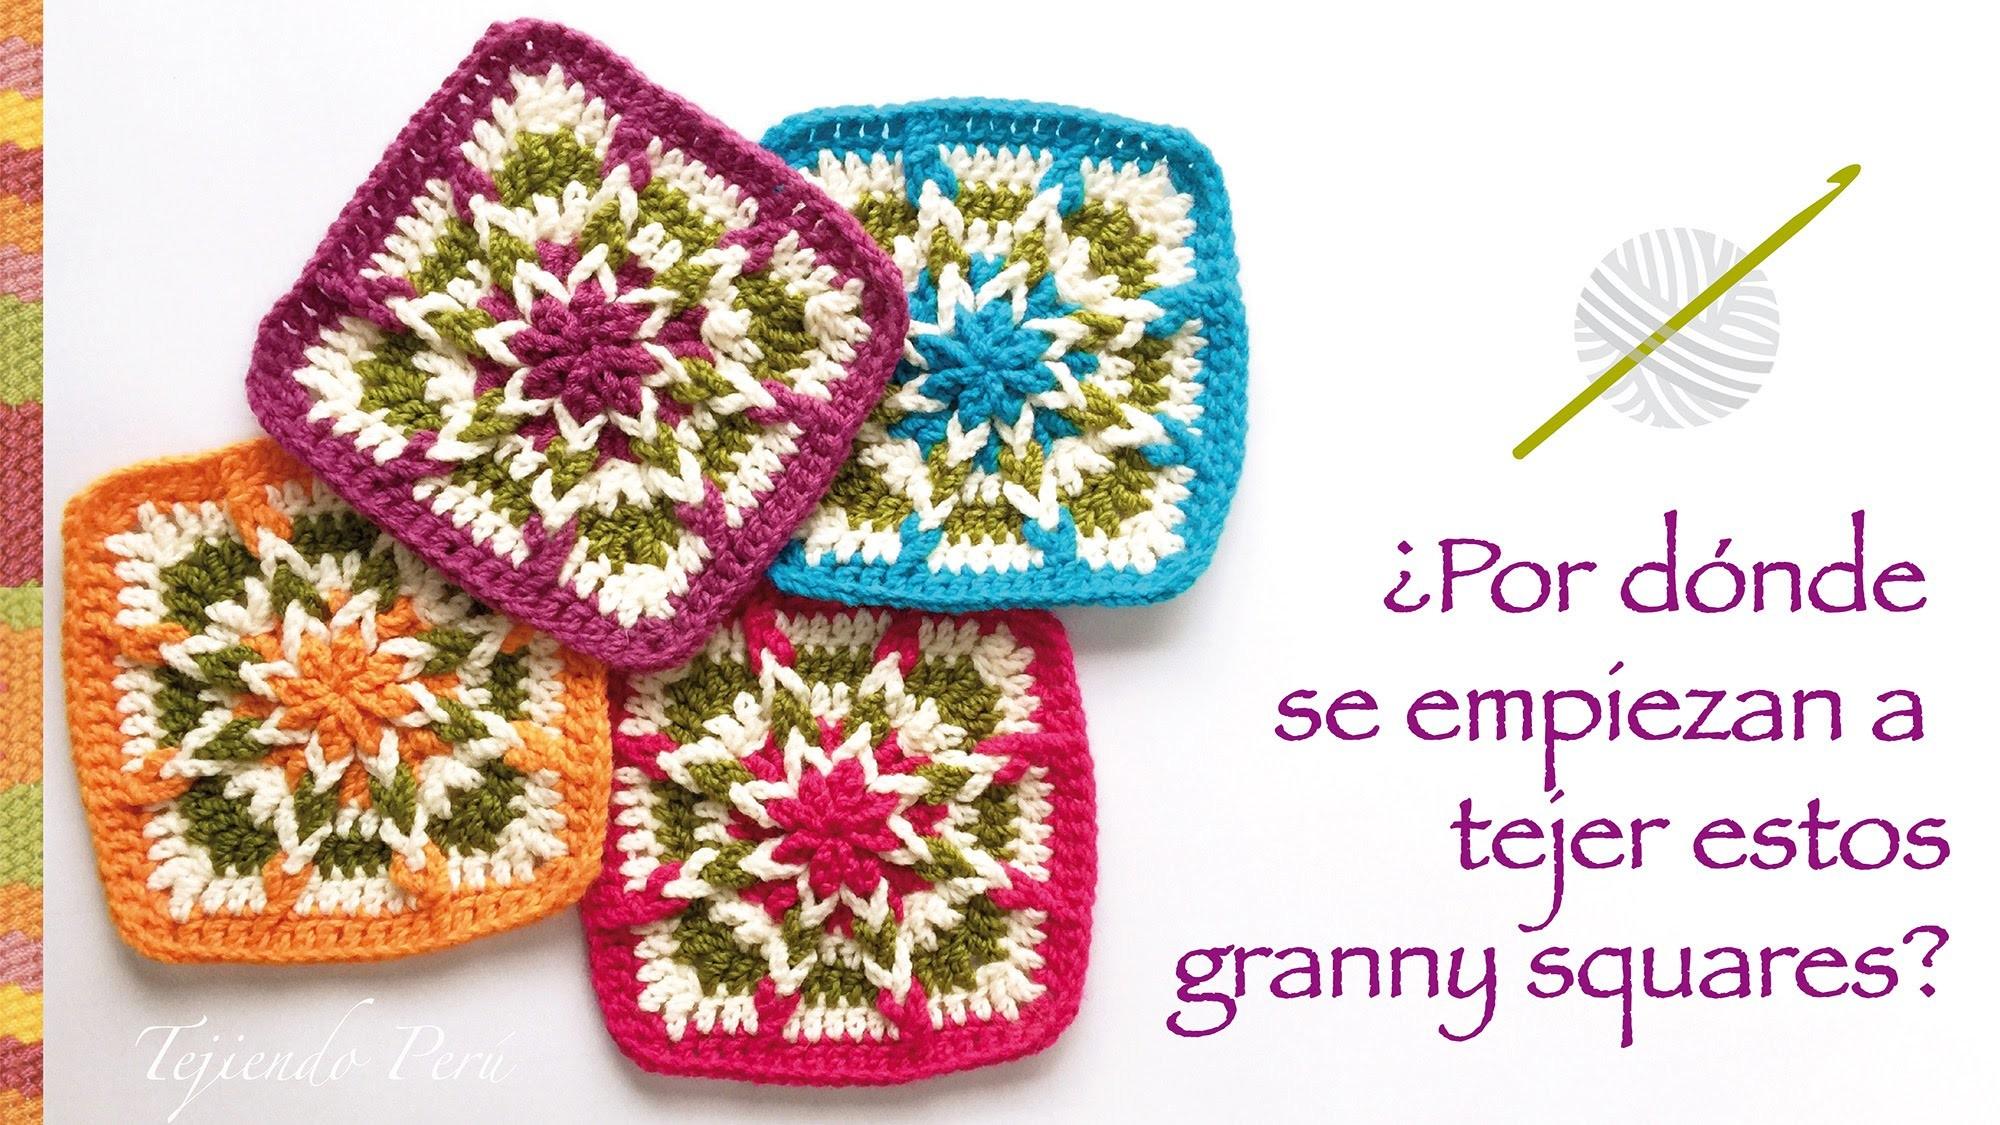 Crochet: ¿por donde se empieza a tejer este cuadrado o granny square? Incluye diagramas ;)